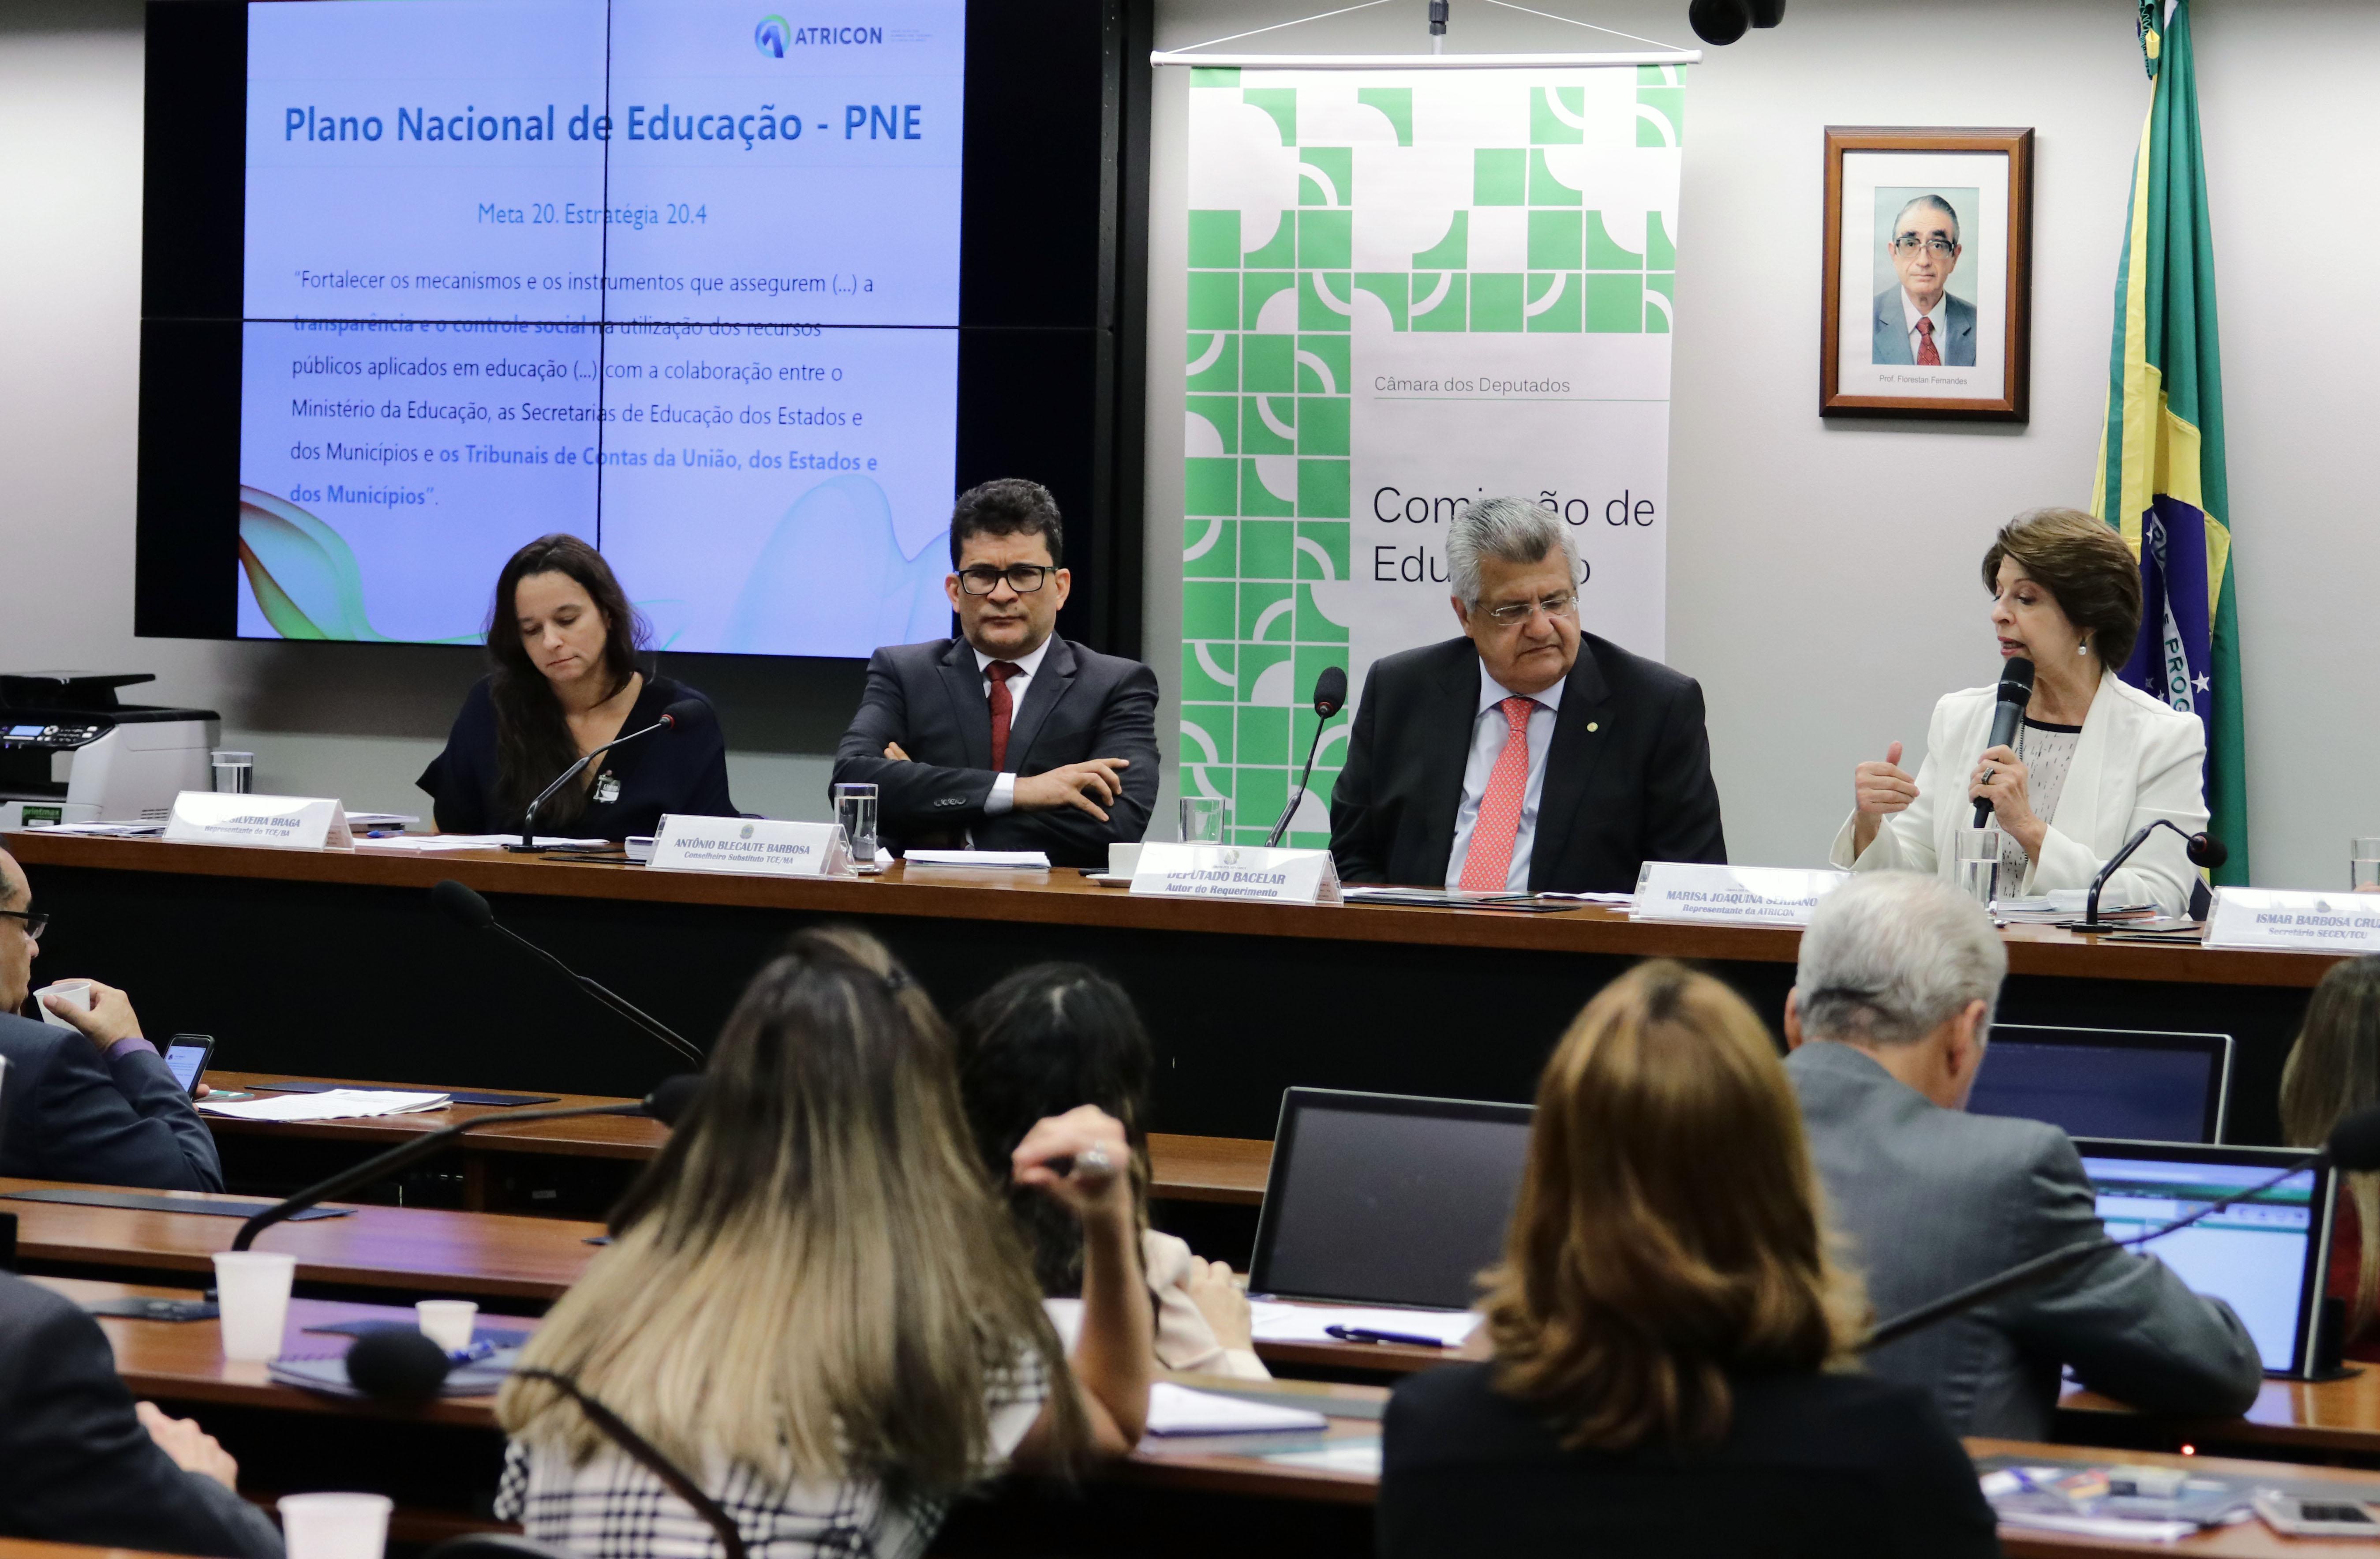 Audiência pública para acompanhar, monitorar e avaliar o processo de implementação das estratégias e do cumprimento das metas do Plano Nacional de Educação - PNE, com a presença de representantes de Tribunais de Contas